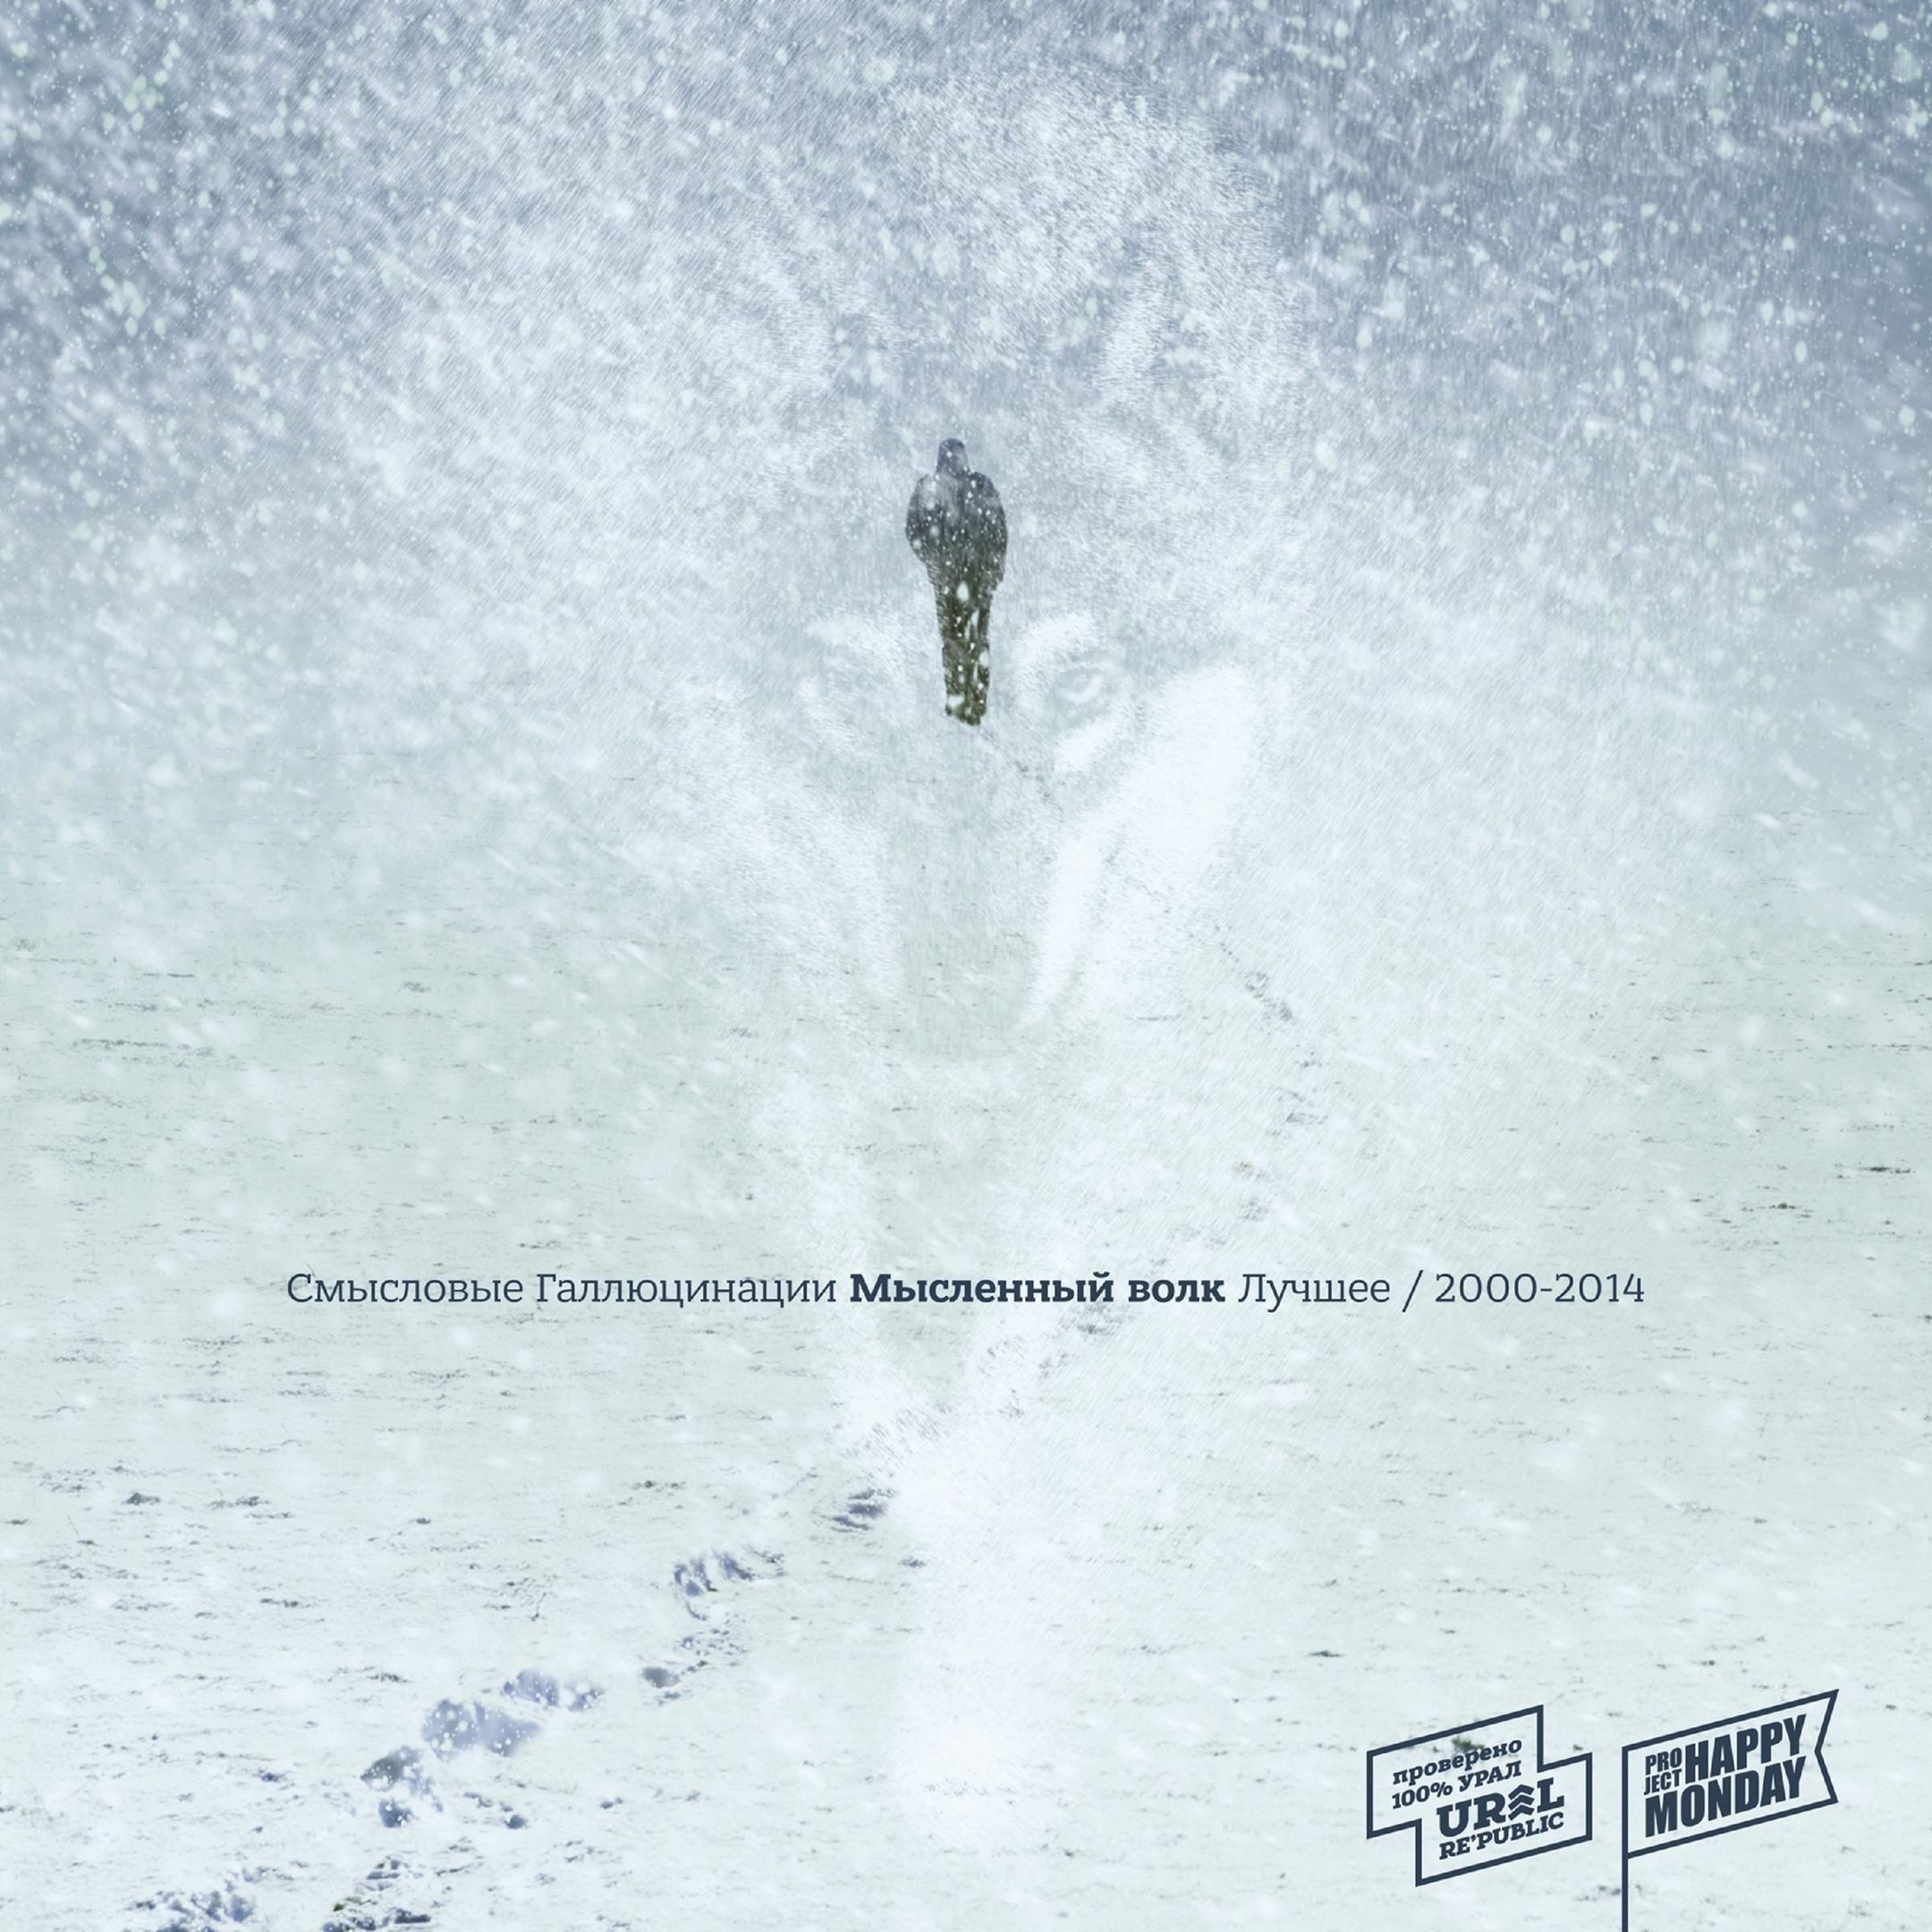 Смысловые галлюцинации album Мысленный волк. Лучшее (2000-2014)